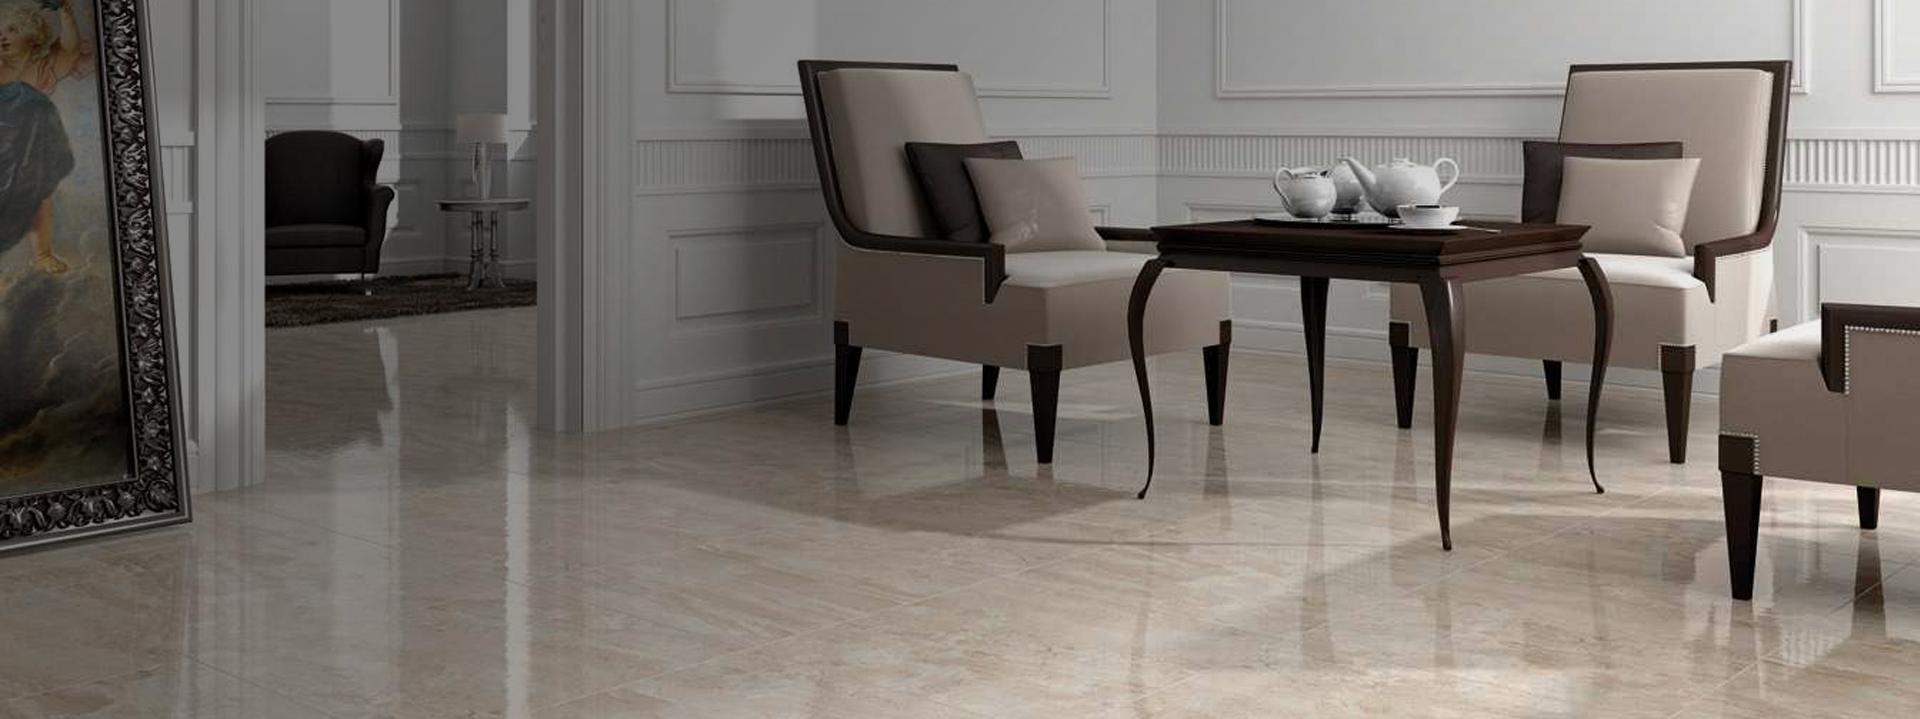 d shantilal gandhi mukund nagar pune dealers of. Black Bedroom Furniture Sets. Home Design Ideas